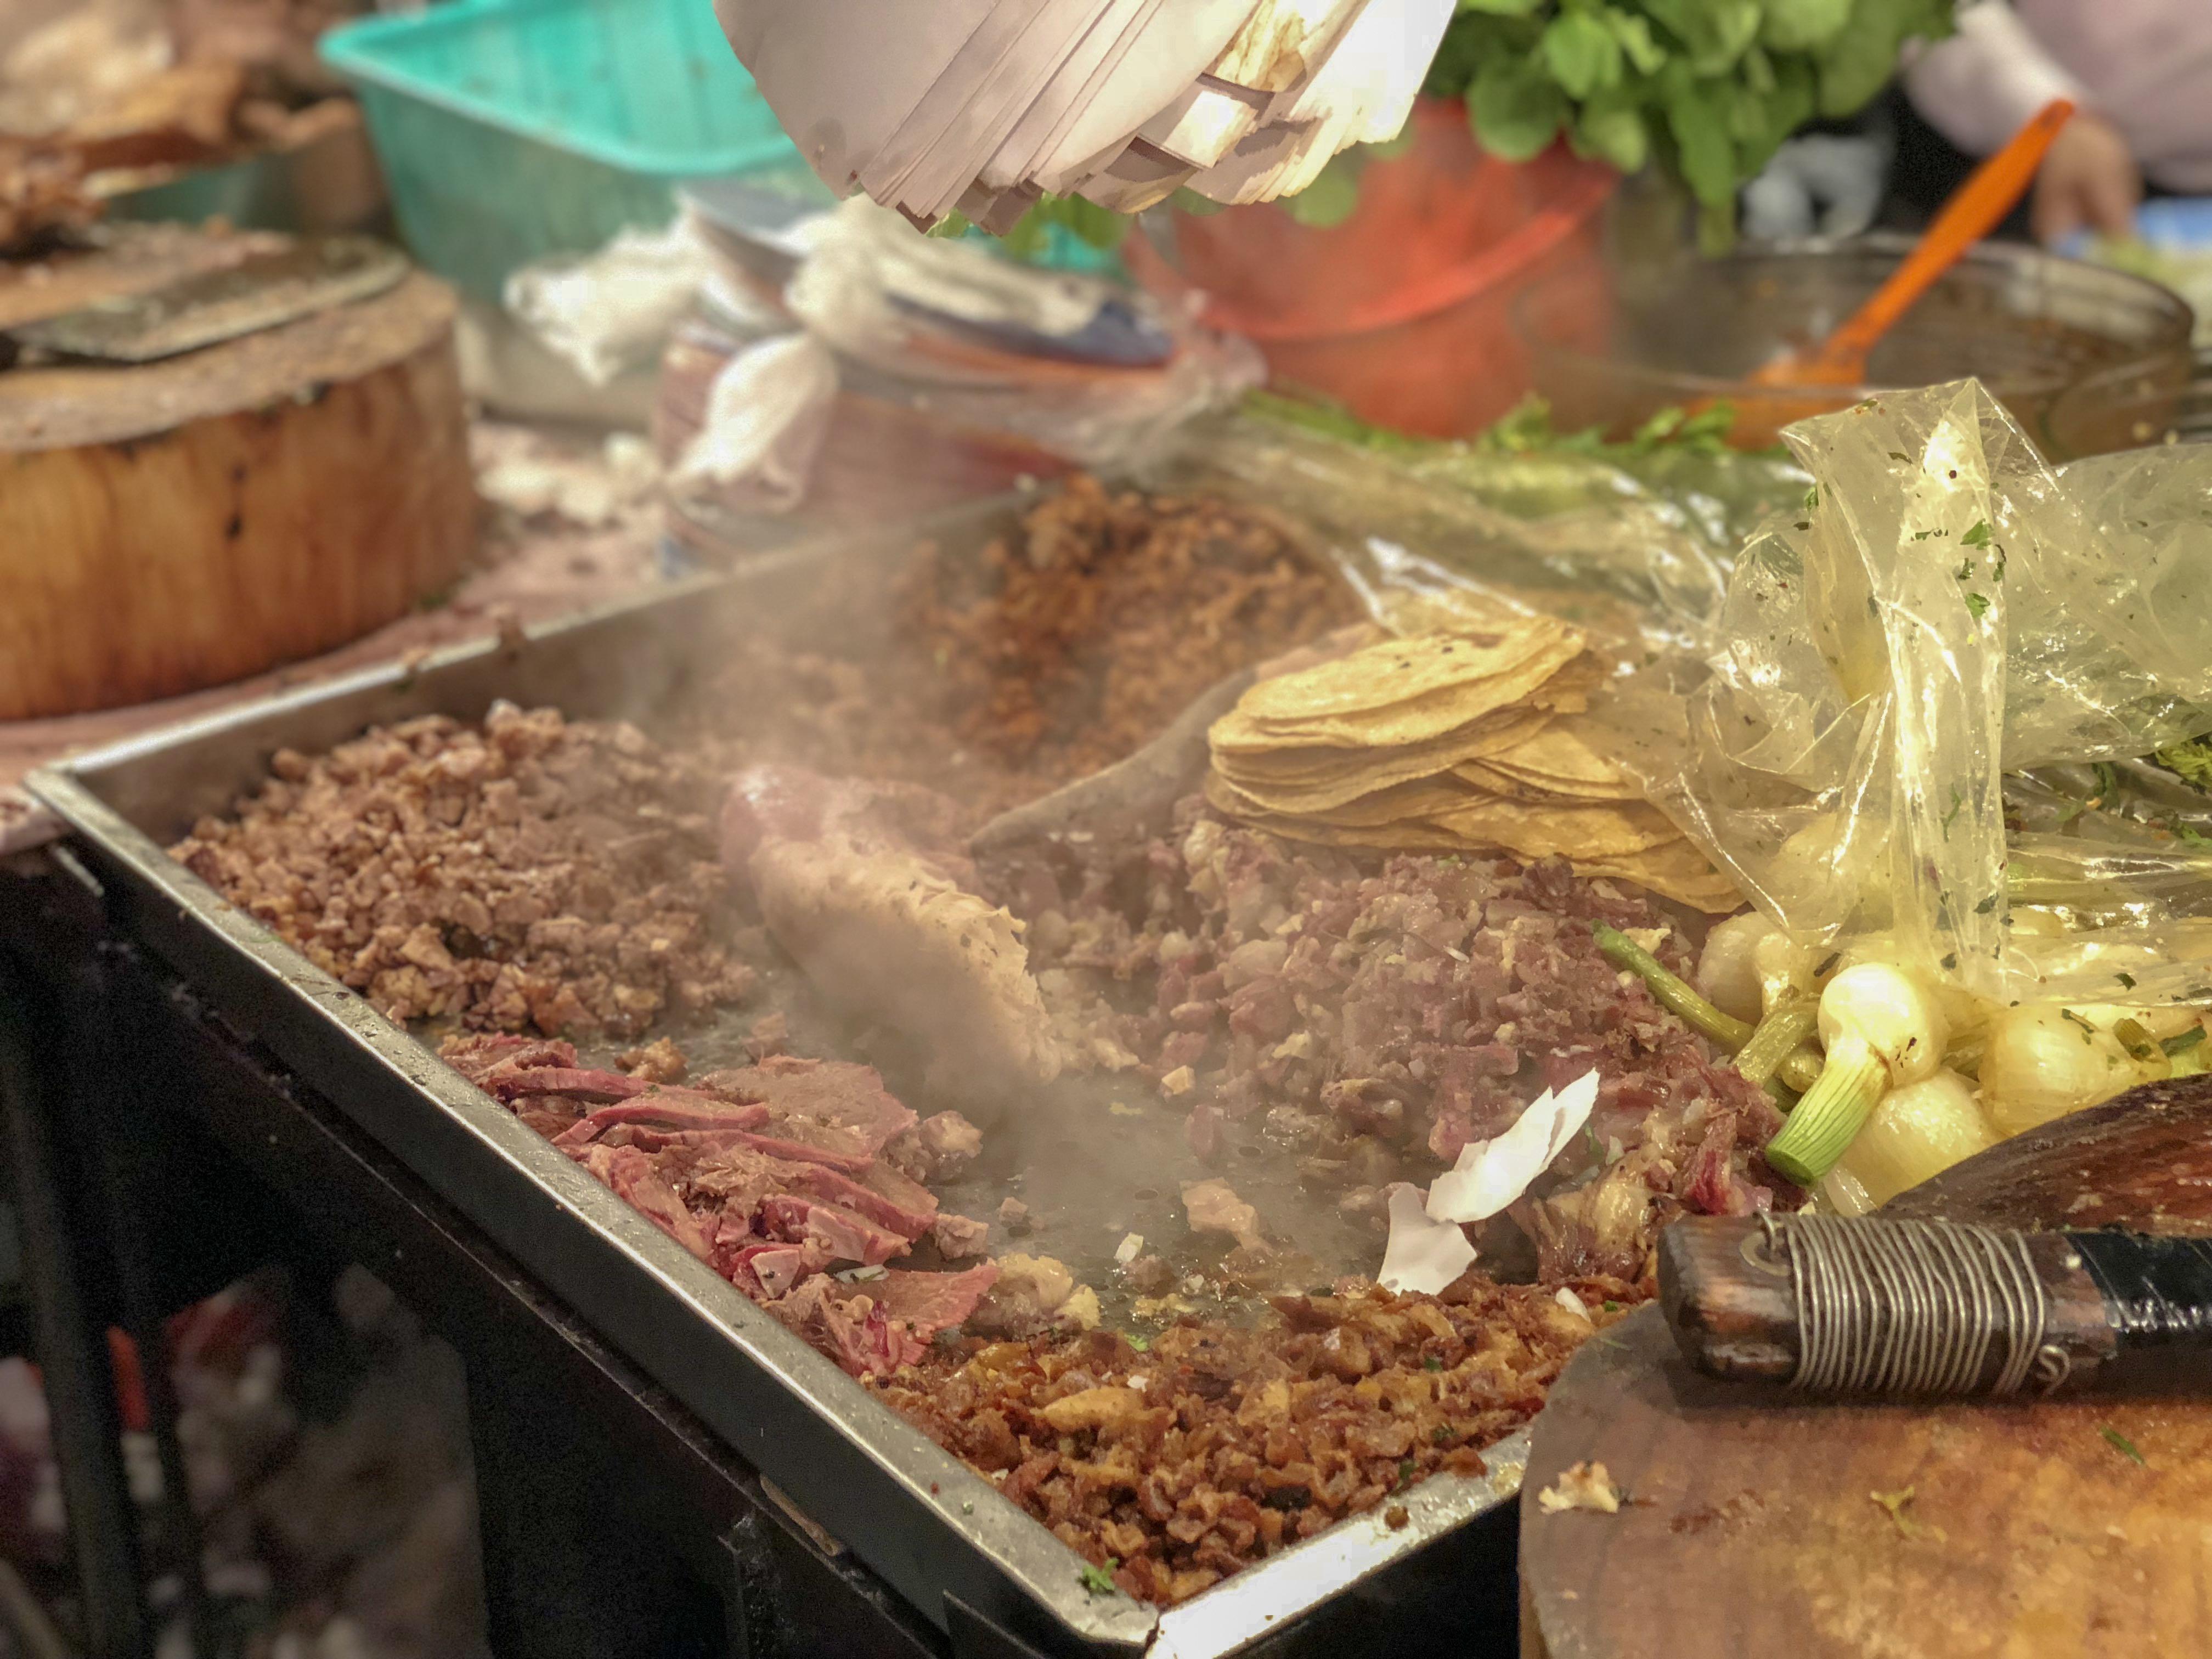 chilango - #MartesDeTacos: El misterioso (y exquisito) éxito de Tacos Tony